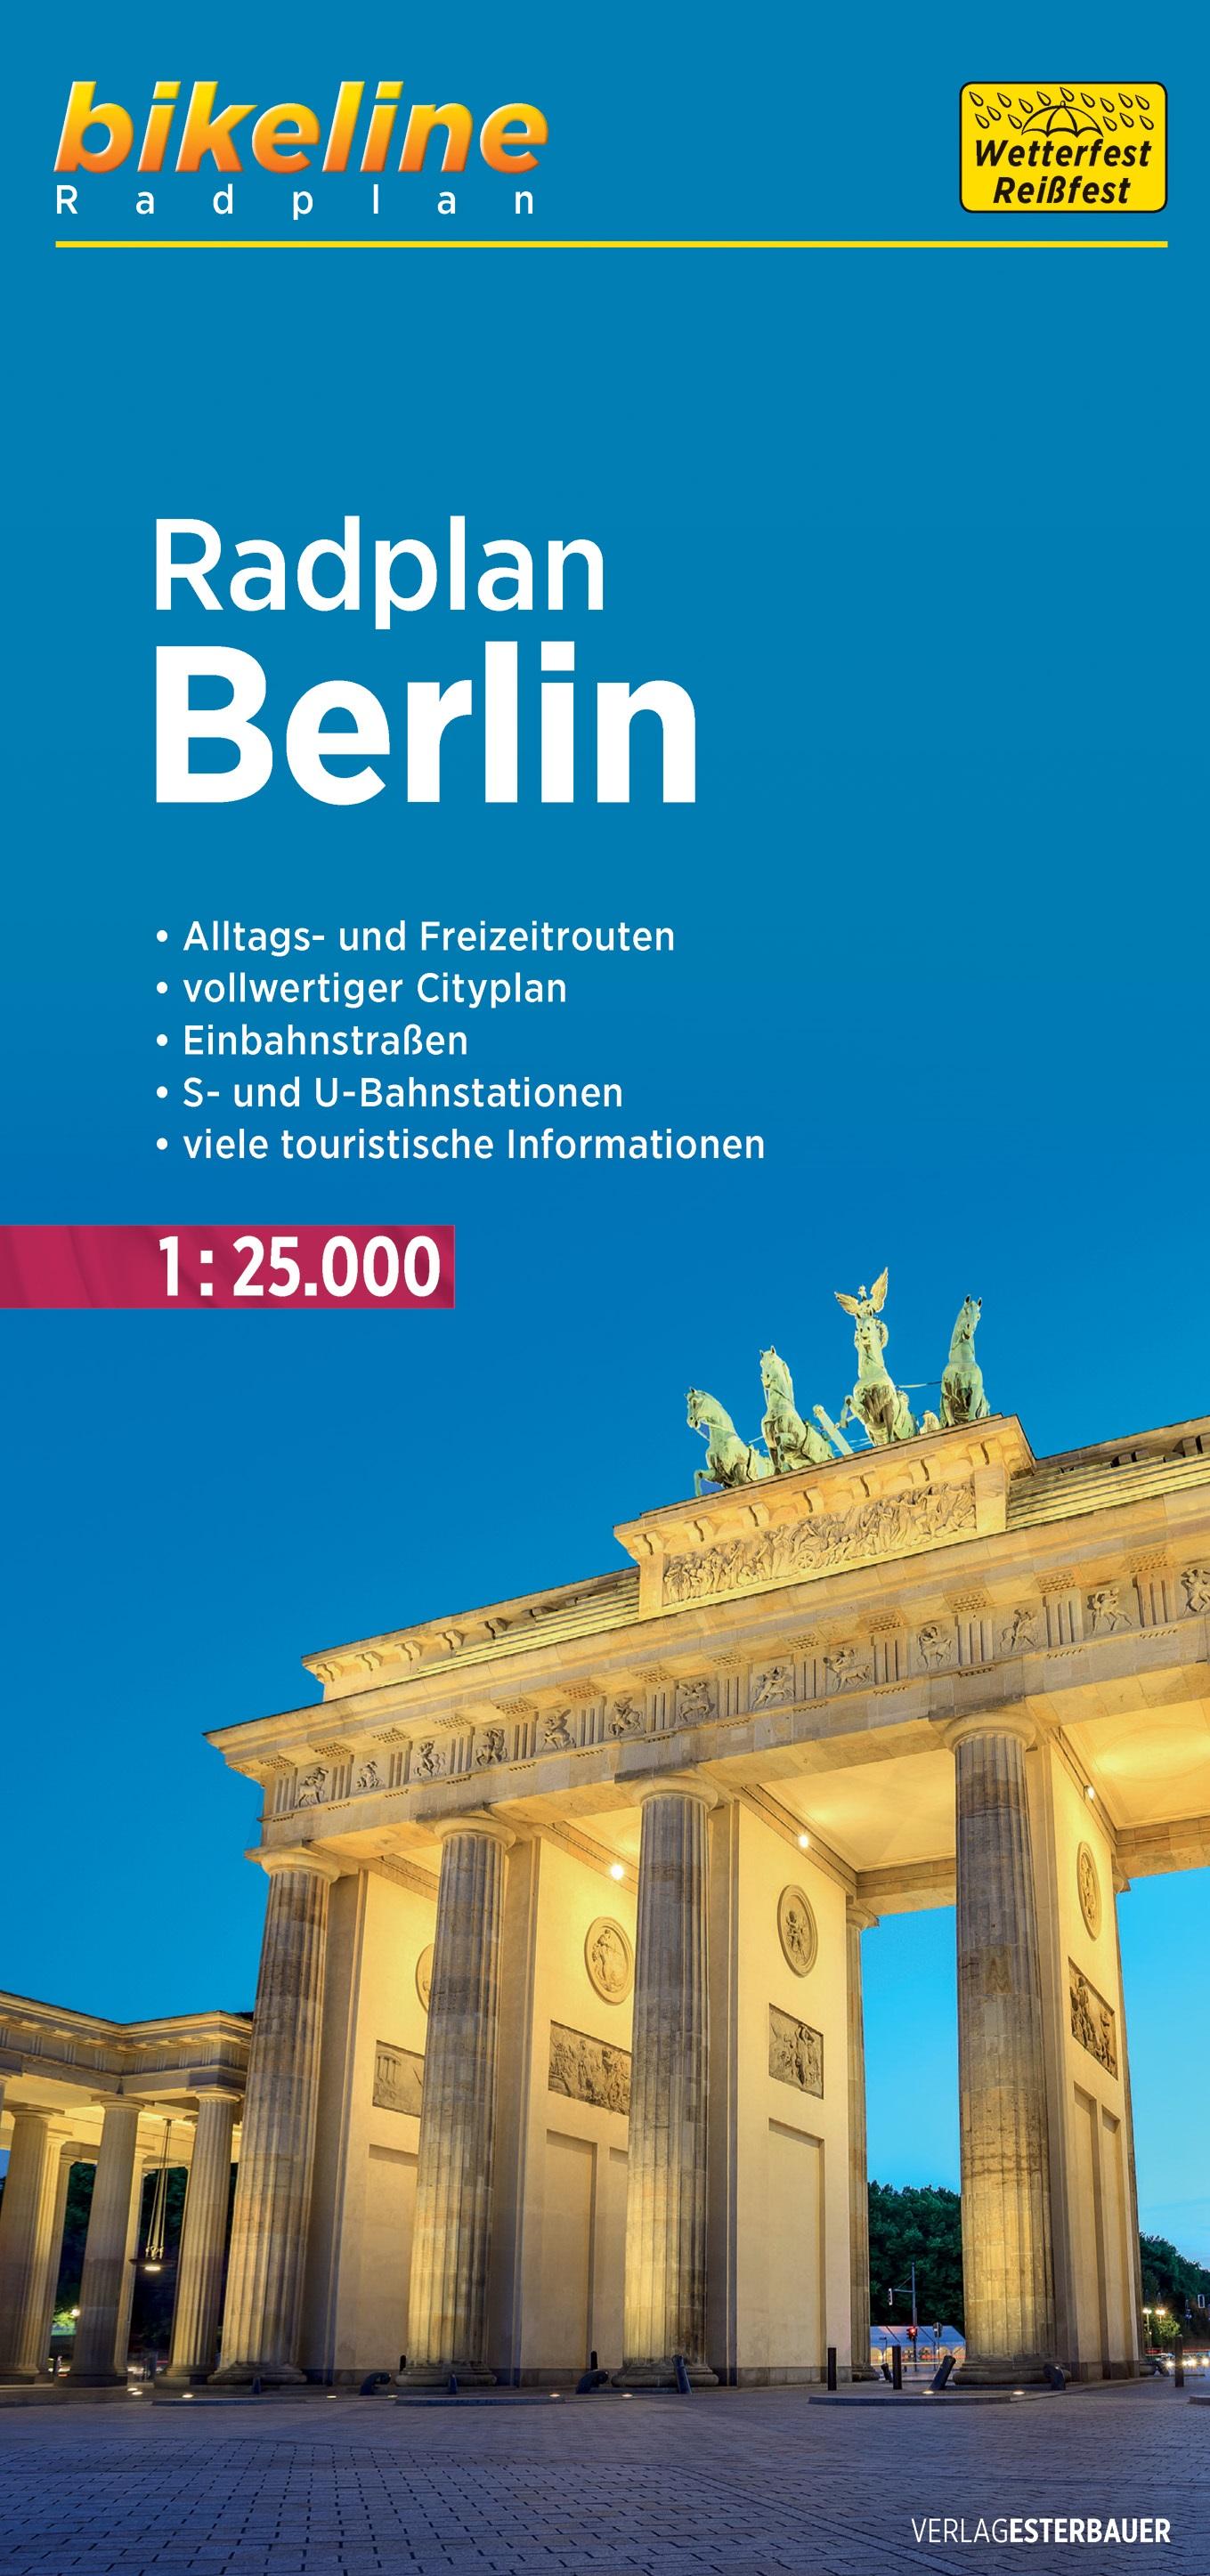 RP-B  Berlin Radplan 1:25.000 9783850007177  Esterbauer Bikeline Radkarten  Fietskaarten Berlijn